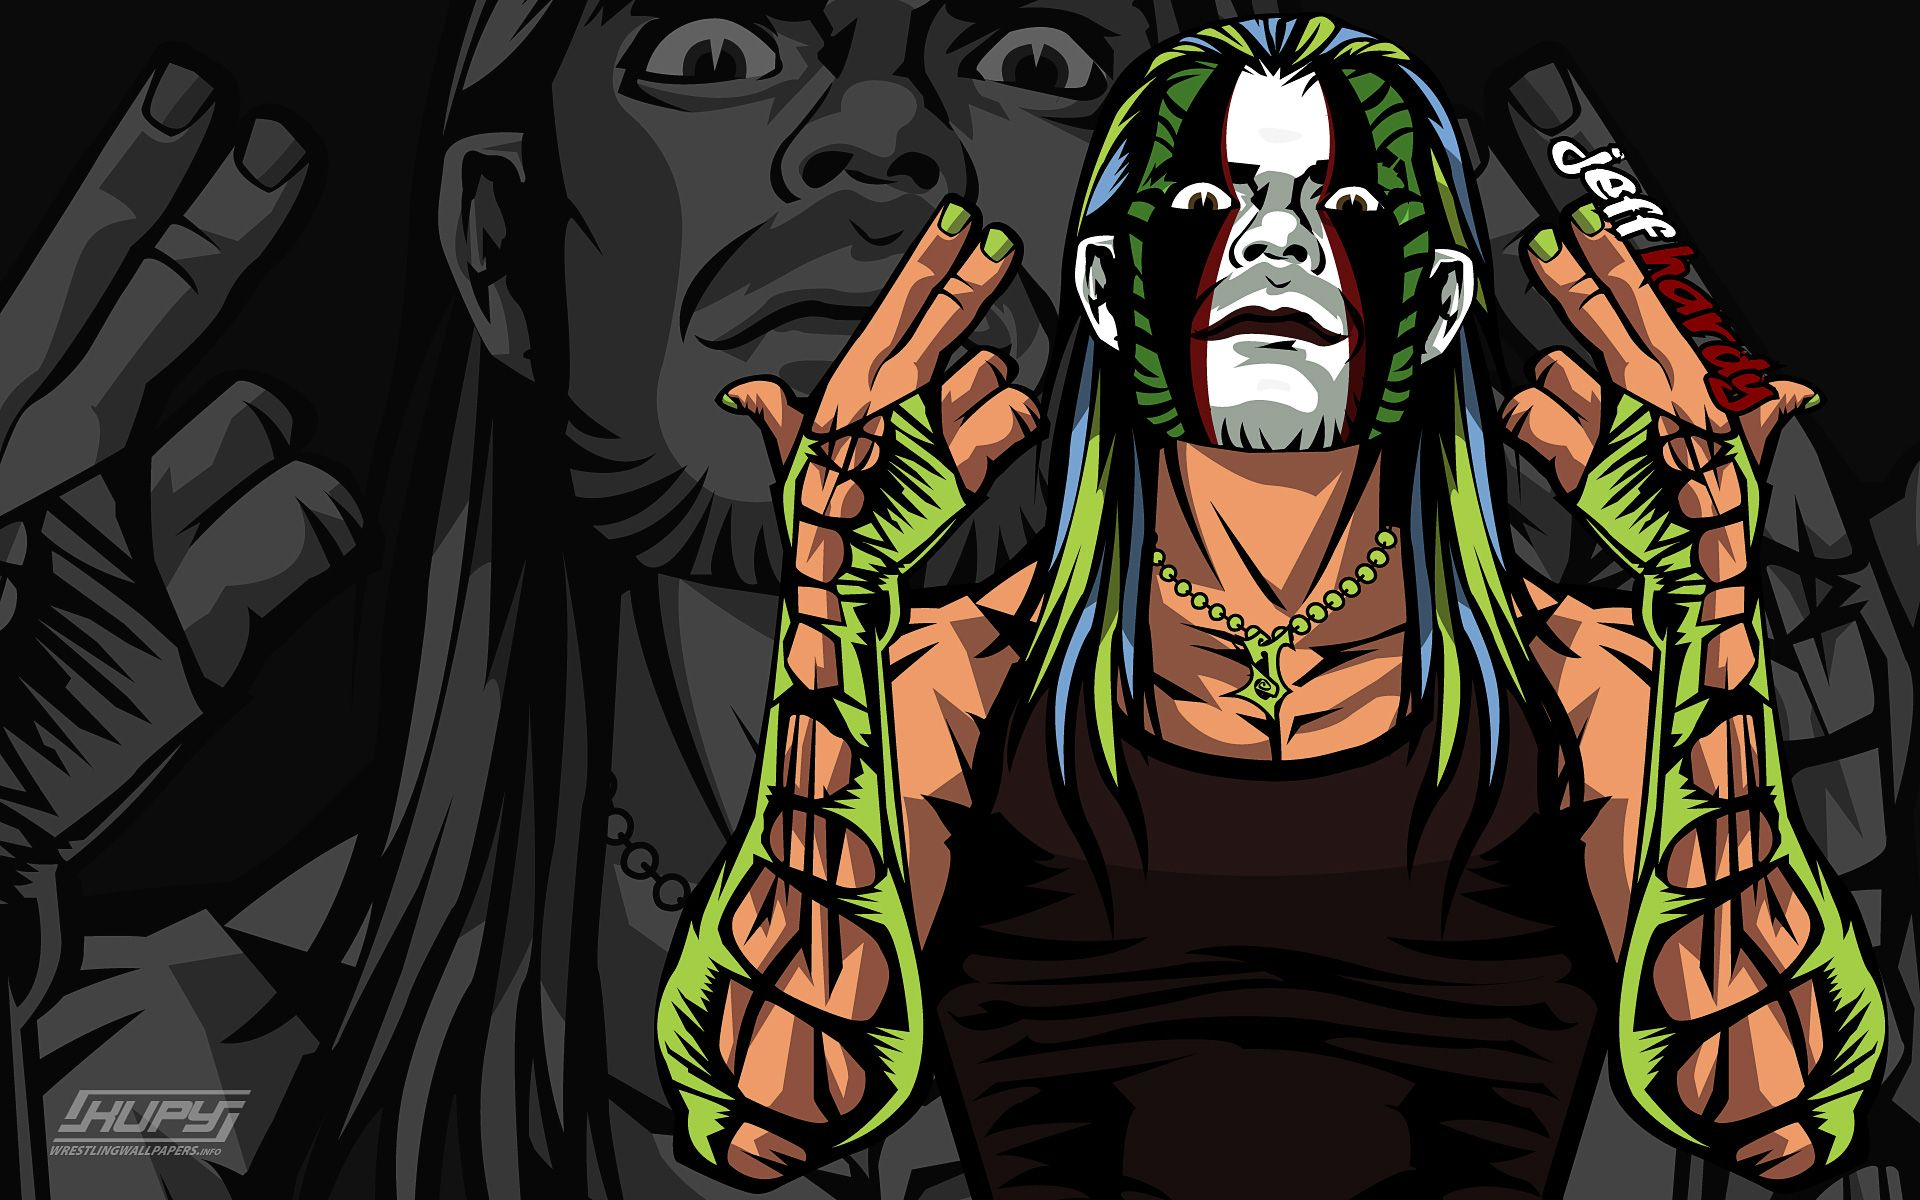 Jeff Hardy Cartoon Jeff Hardy Wwe Jeff Hardy The Hardy Boyz